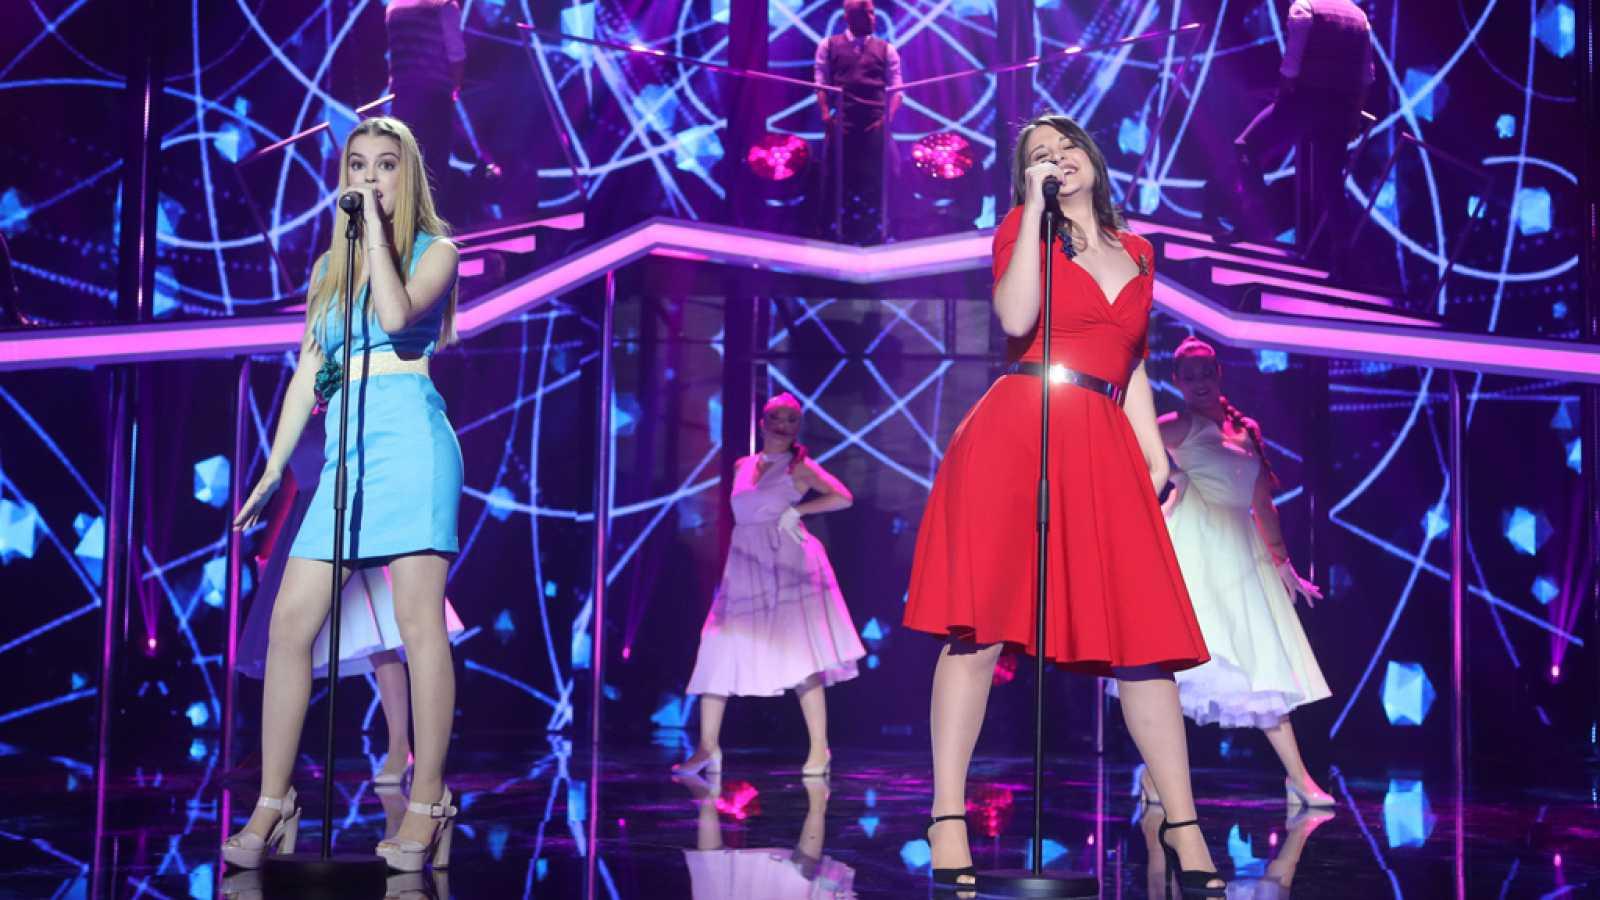 Operación Triunfo - Nerea y Thalía cantan 'Will you still love me tomorrow?' en la gala 2